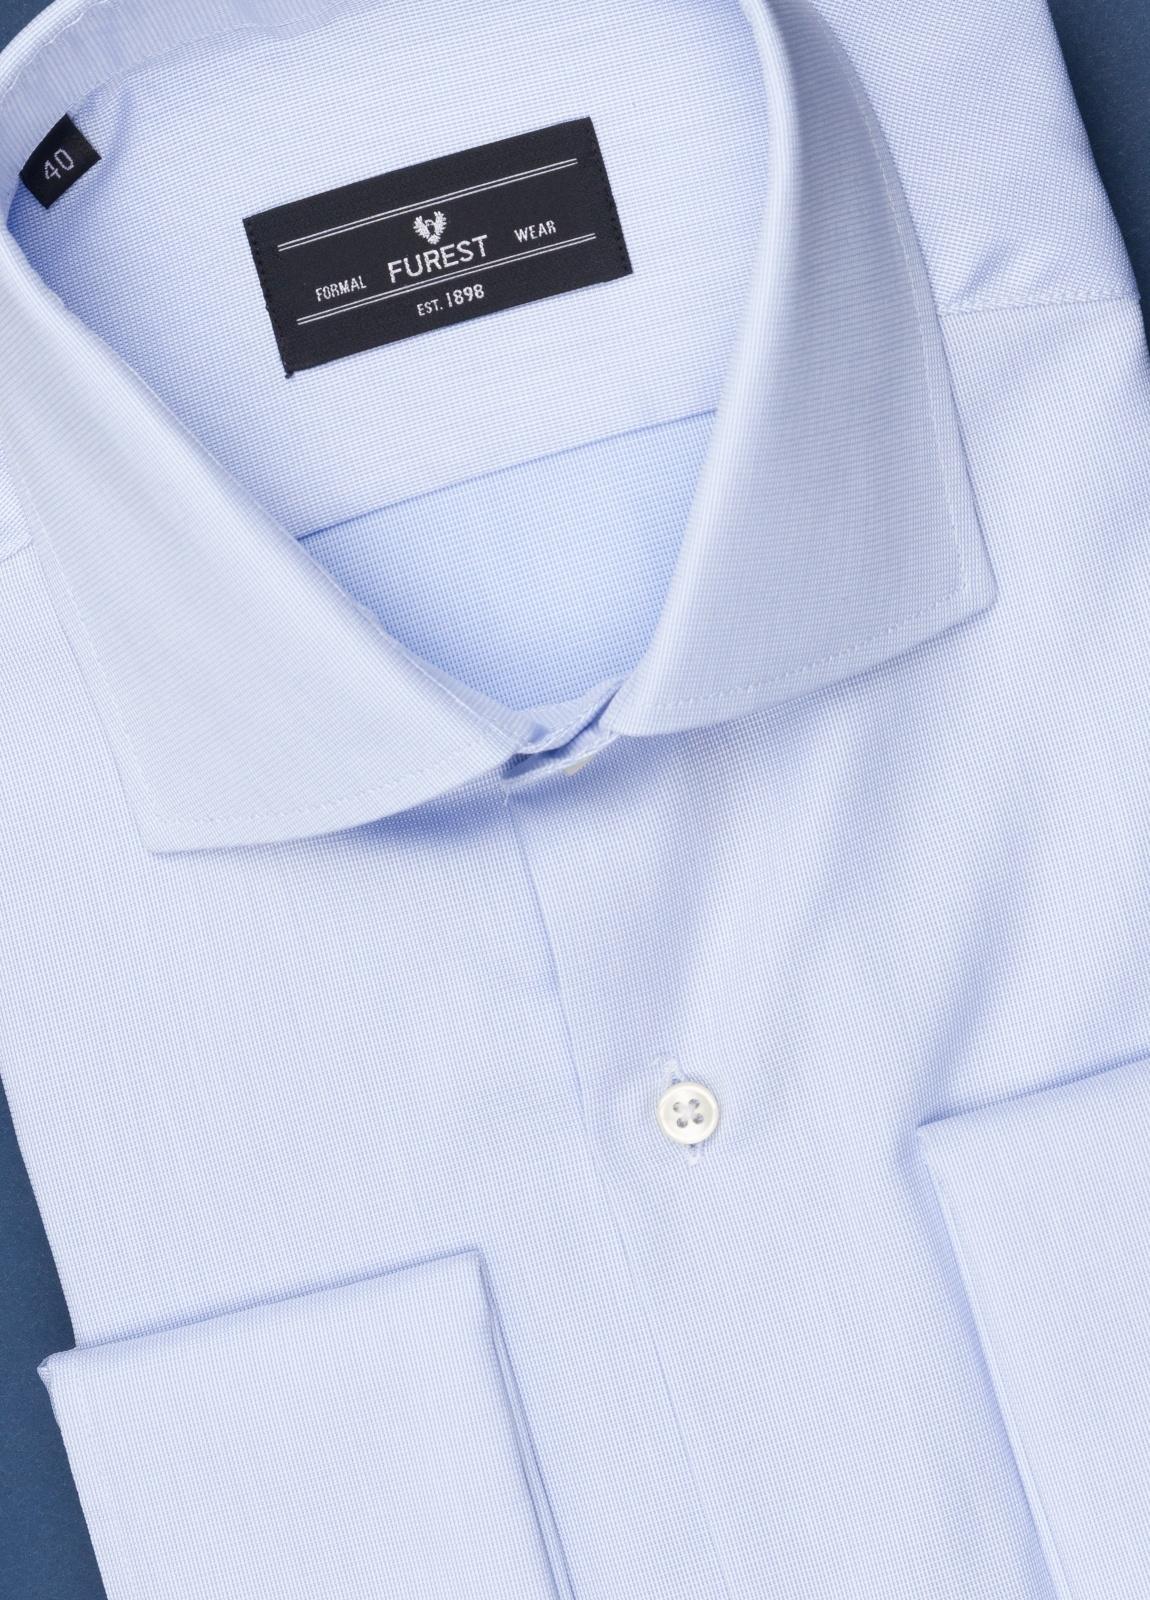 Camisa vestir FUREST COLECCIÓN Regular Fit Puño Doble celeste - Ítem1